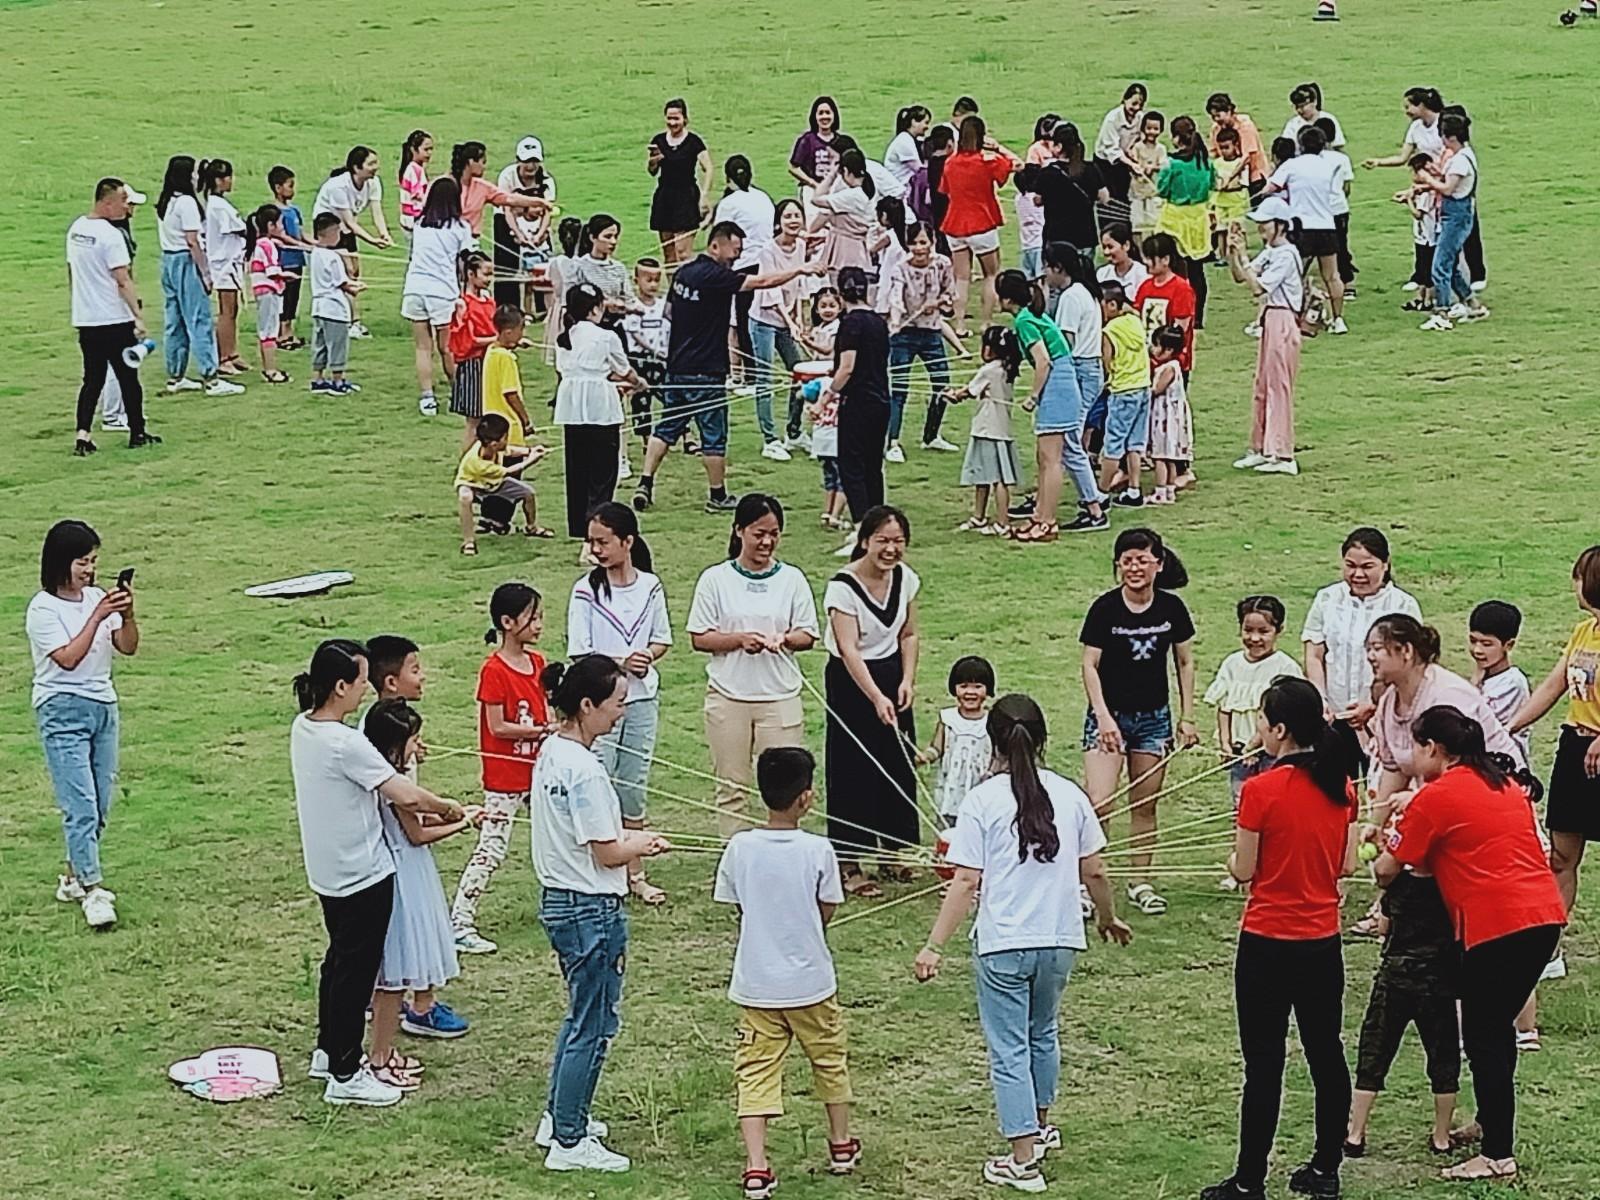 长沙农庄休闲娱乐项目